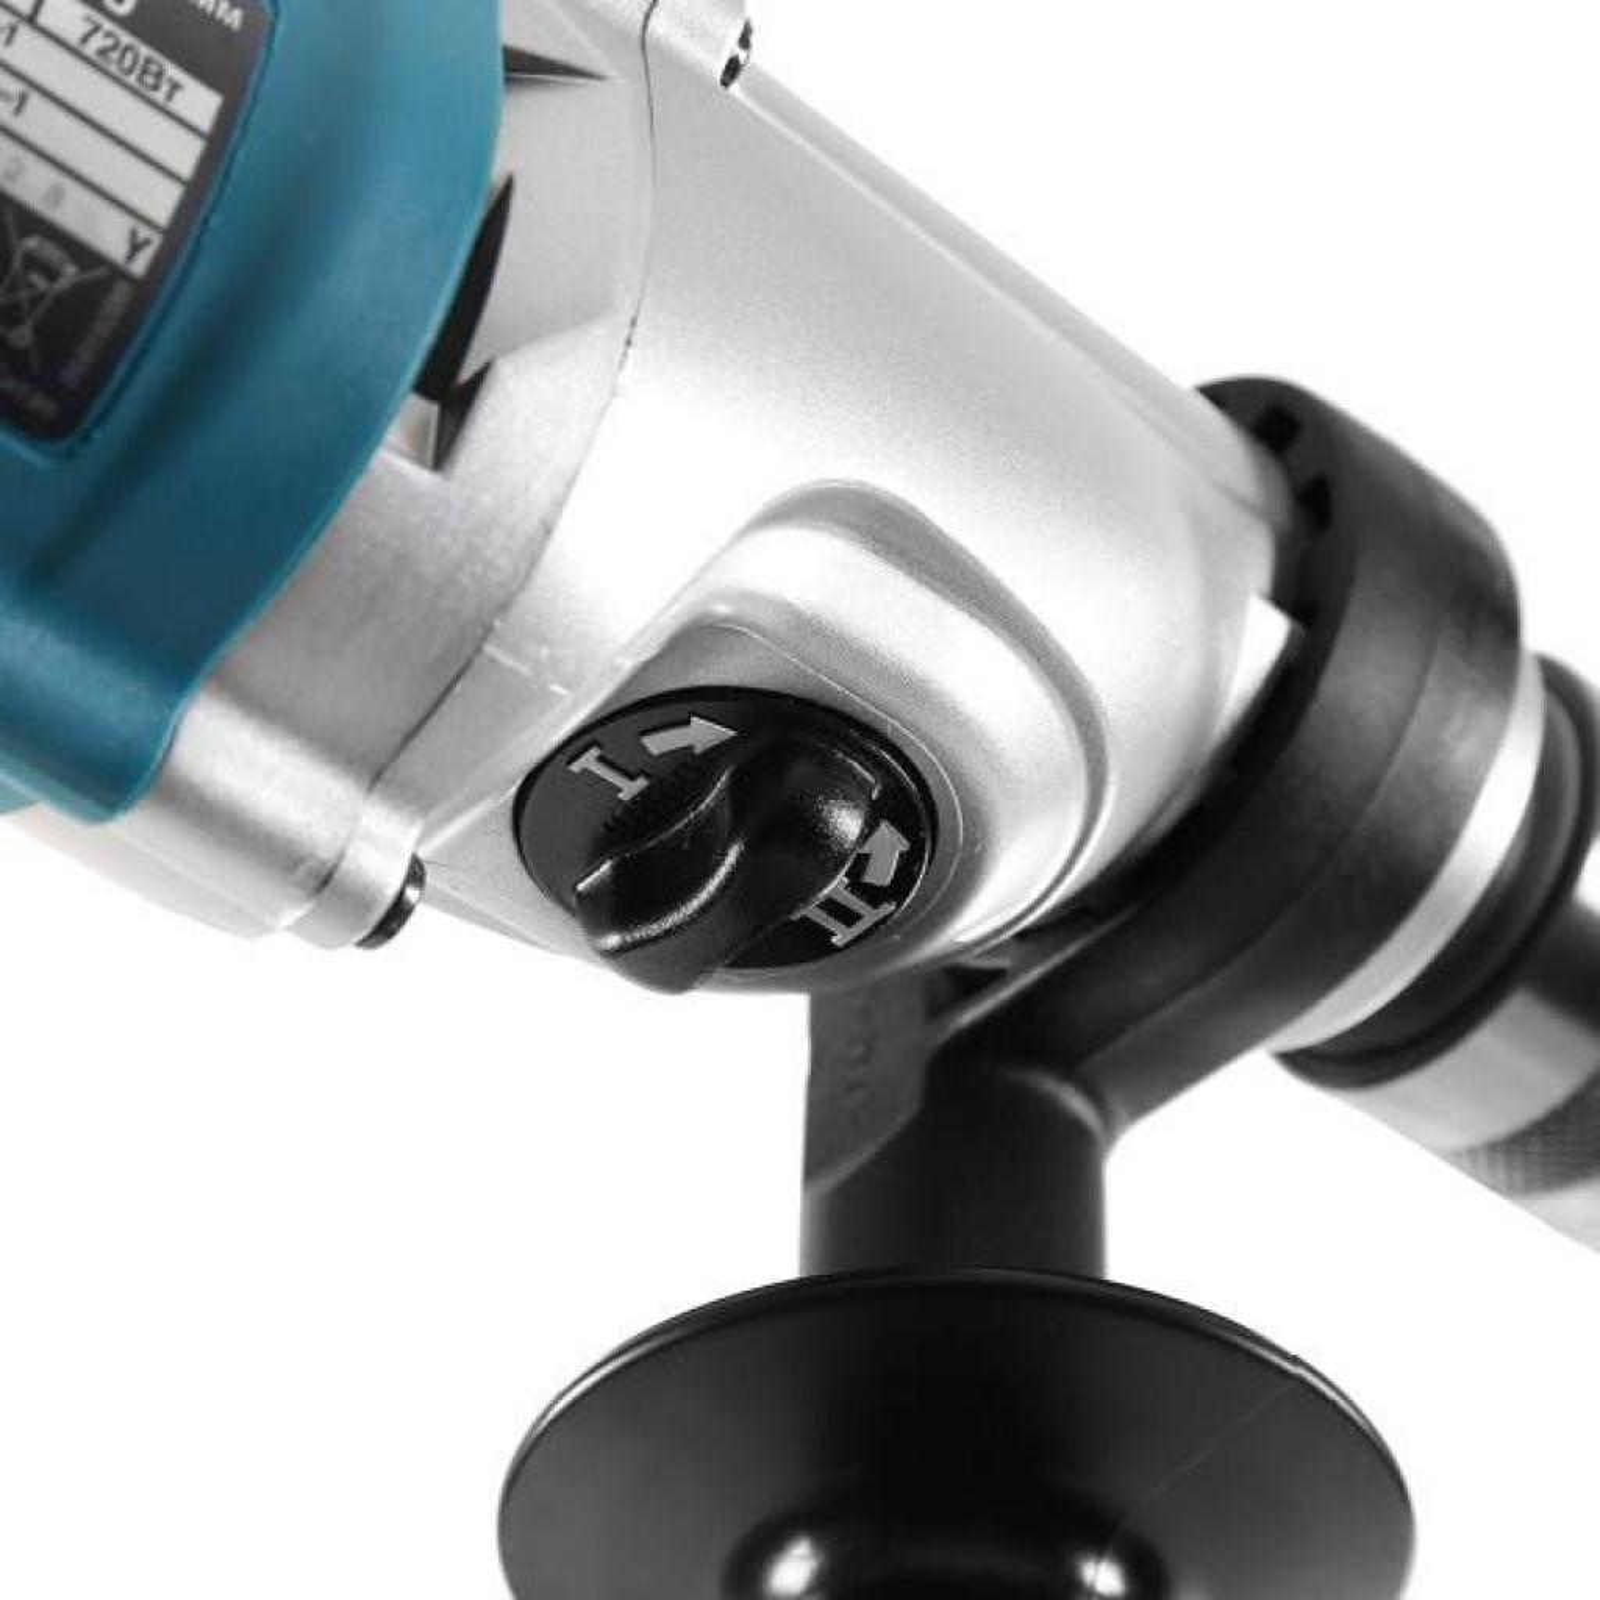 Дрель Makita HP2050H ударная (HP2050H) изображение 9